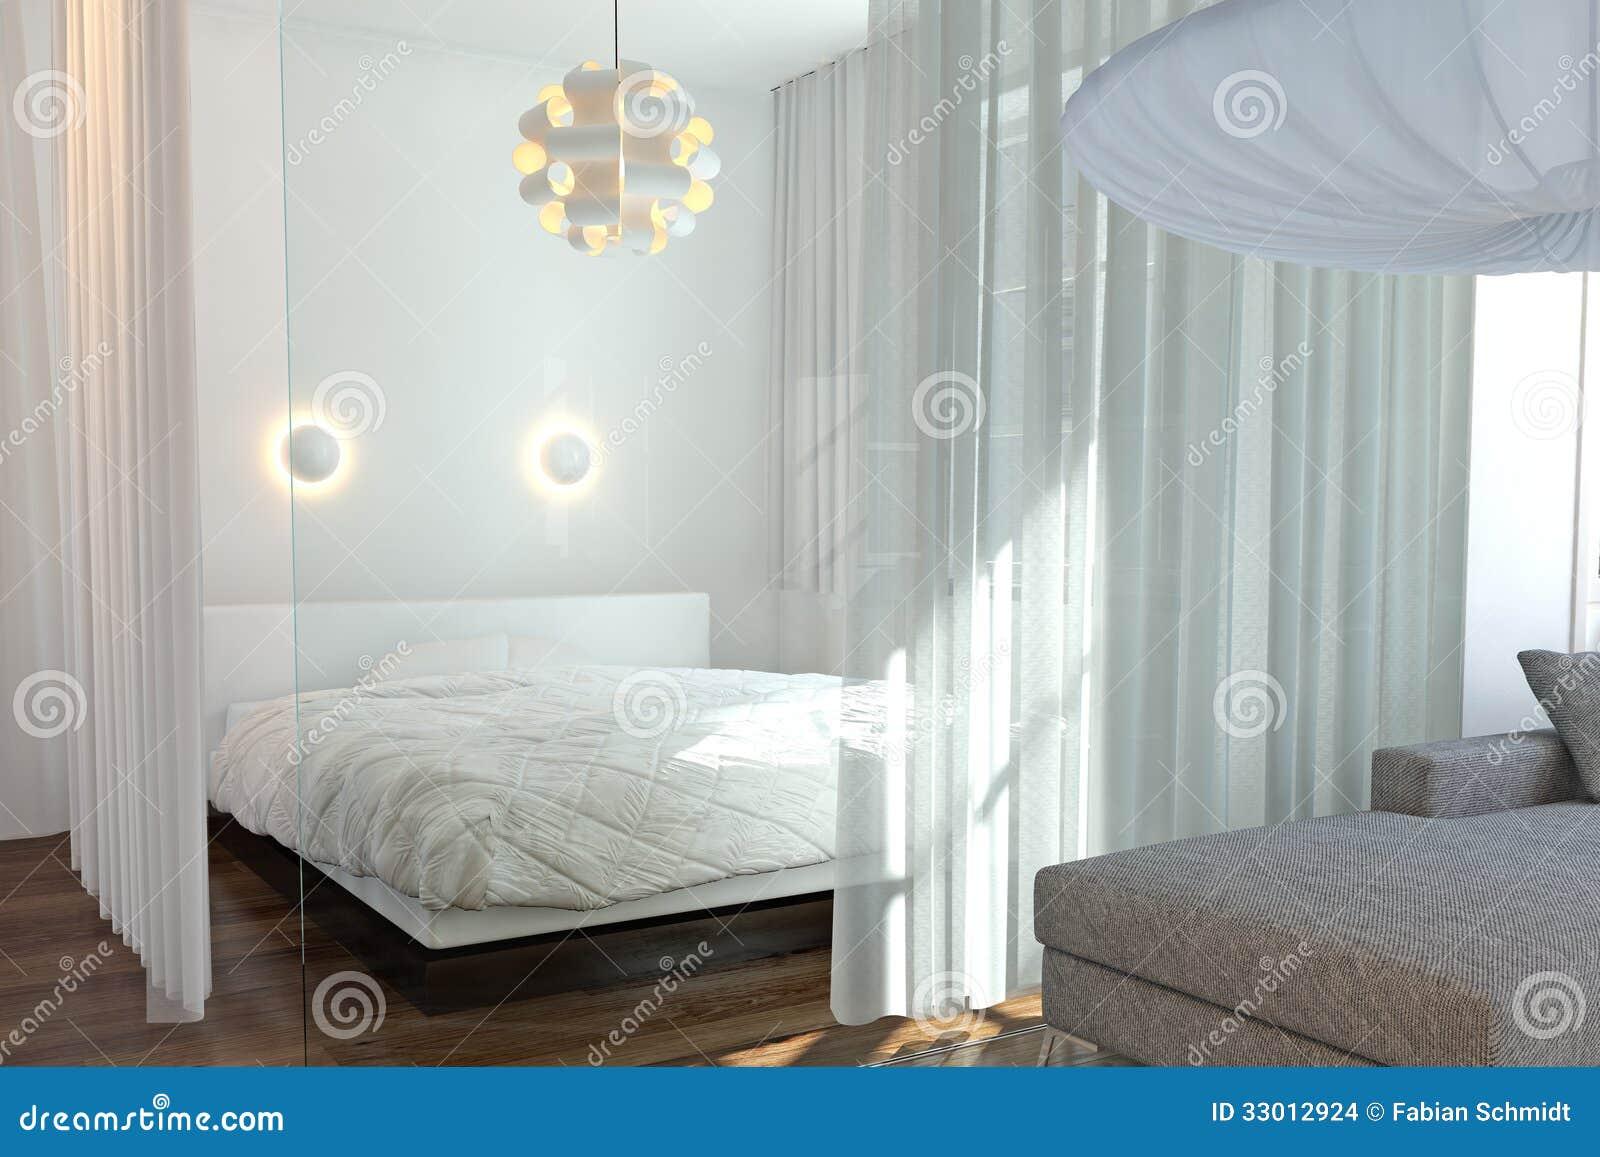 Moderne Slaapkamer Met Muur Van Glas Stock Afbeeldingen ...